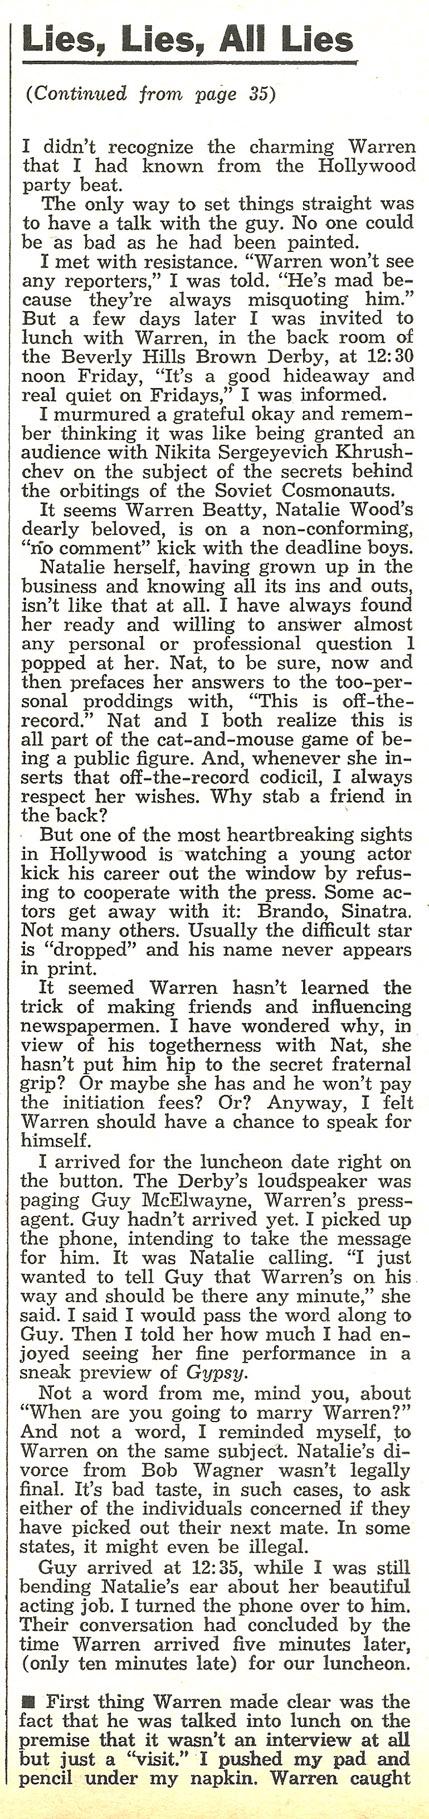 Warren Beatty #3